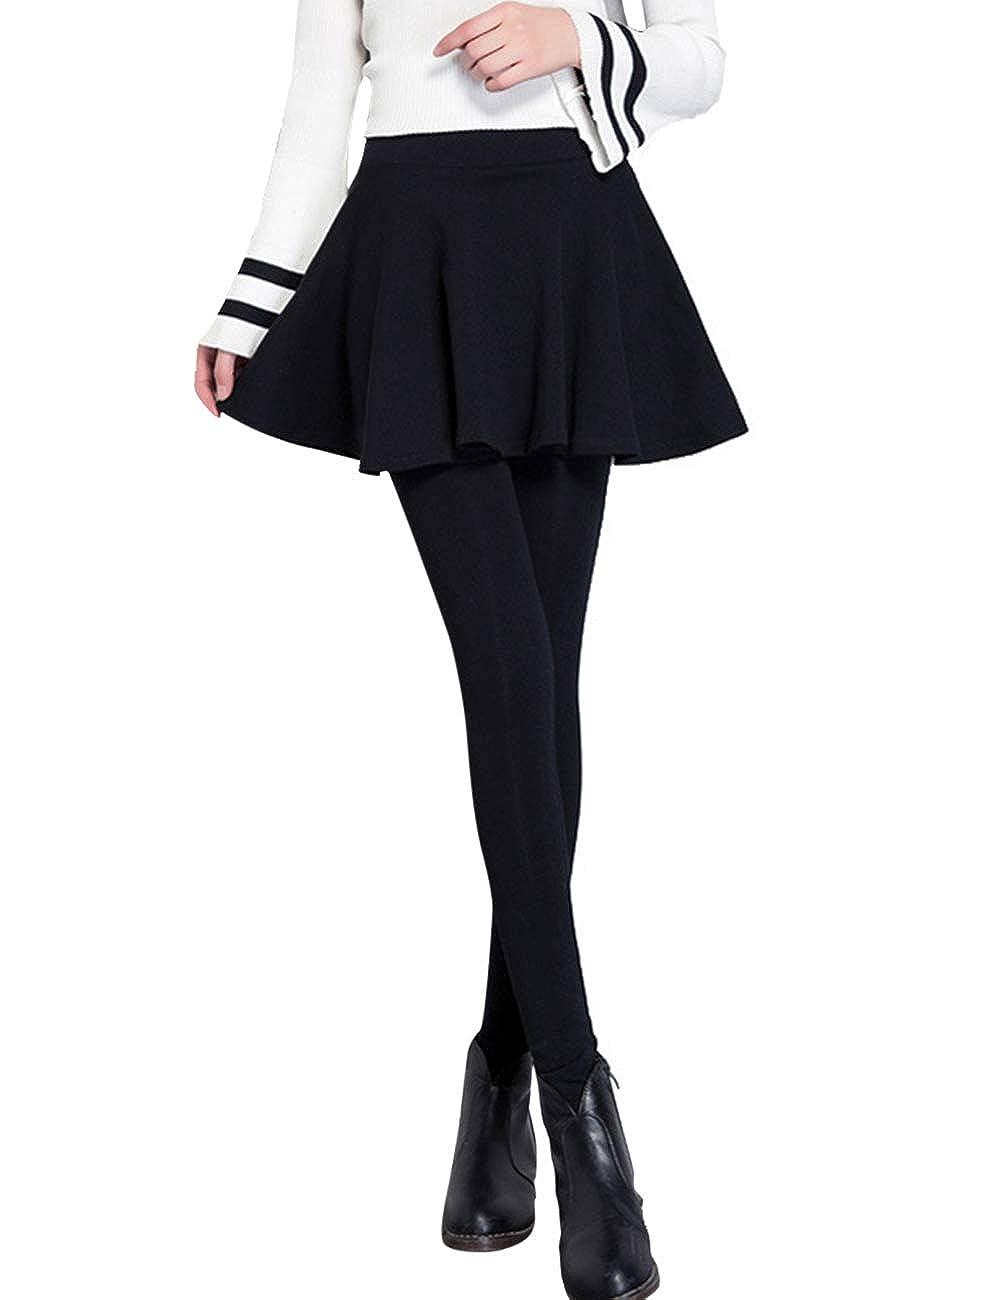 BESBOMIG Women's Maternity Skirt Leggings Support Belly Velvet Warm Autumn Winter